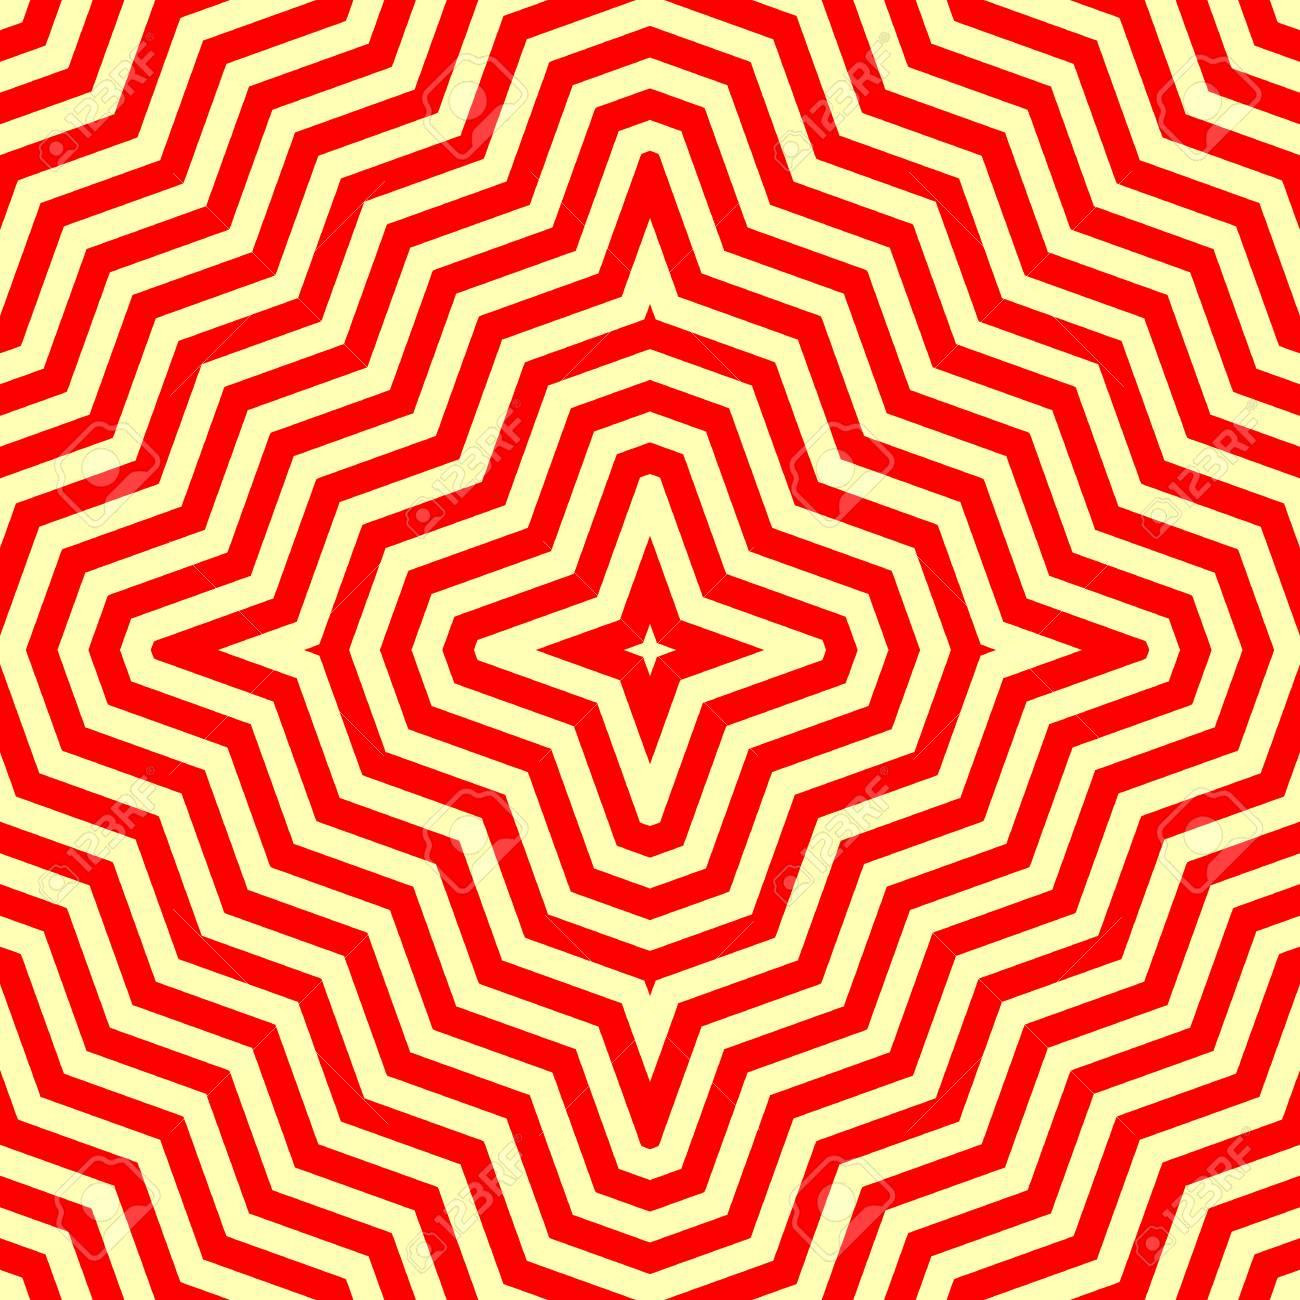 seamless avec ornement symetrique abstraite rouge sur fond jaune fond d ecran psychedelique lignes motif vector illustration